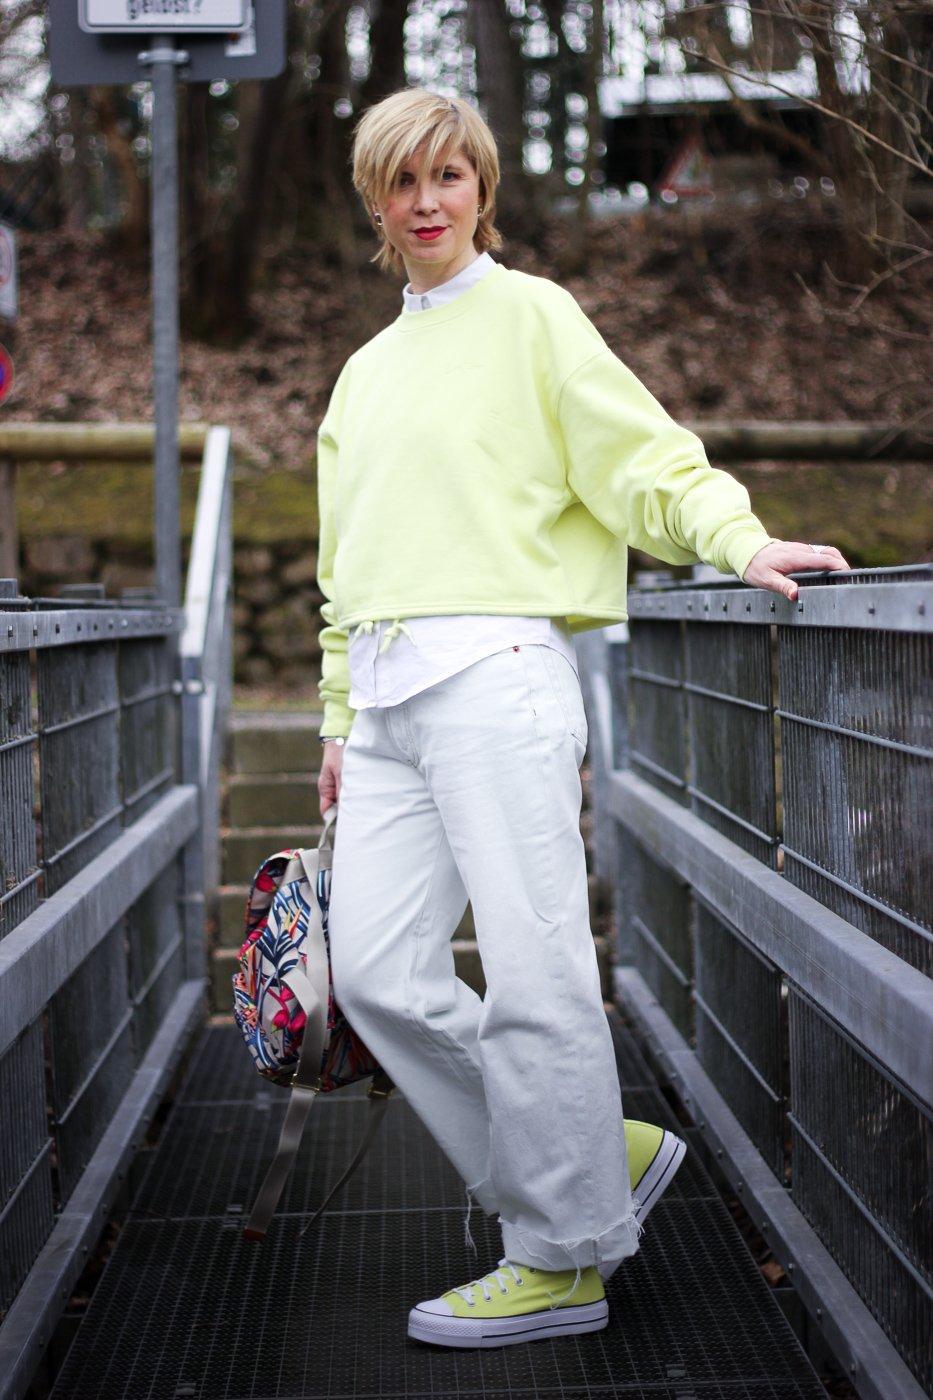 conny doll lifestyle: Converse - warum nennt man die Turnschuhe eigentlich Chucks? Frühlingslook in Gelb